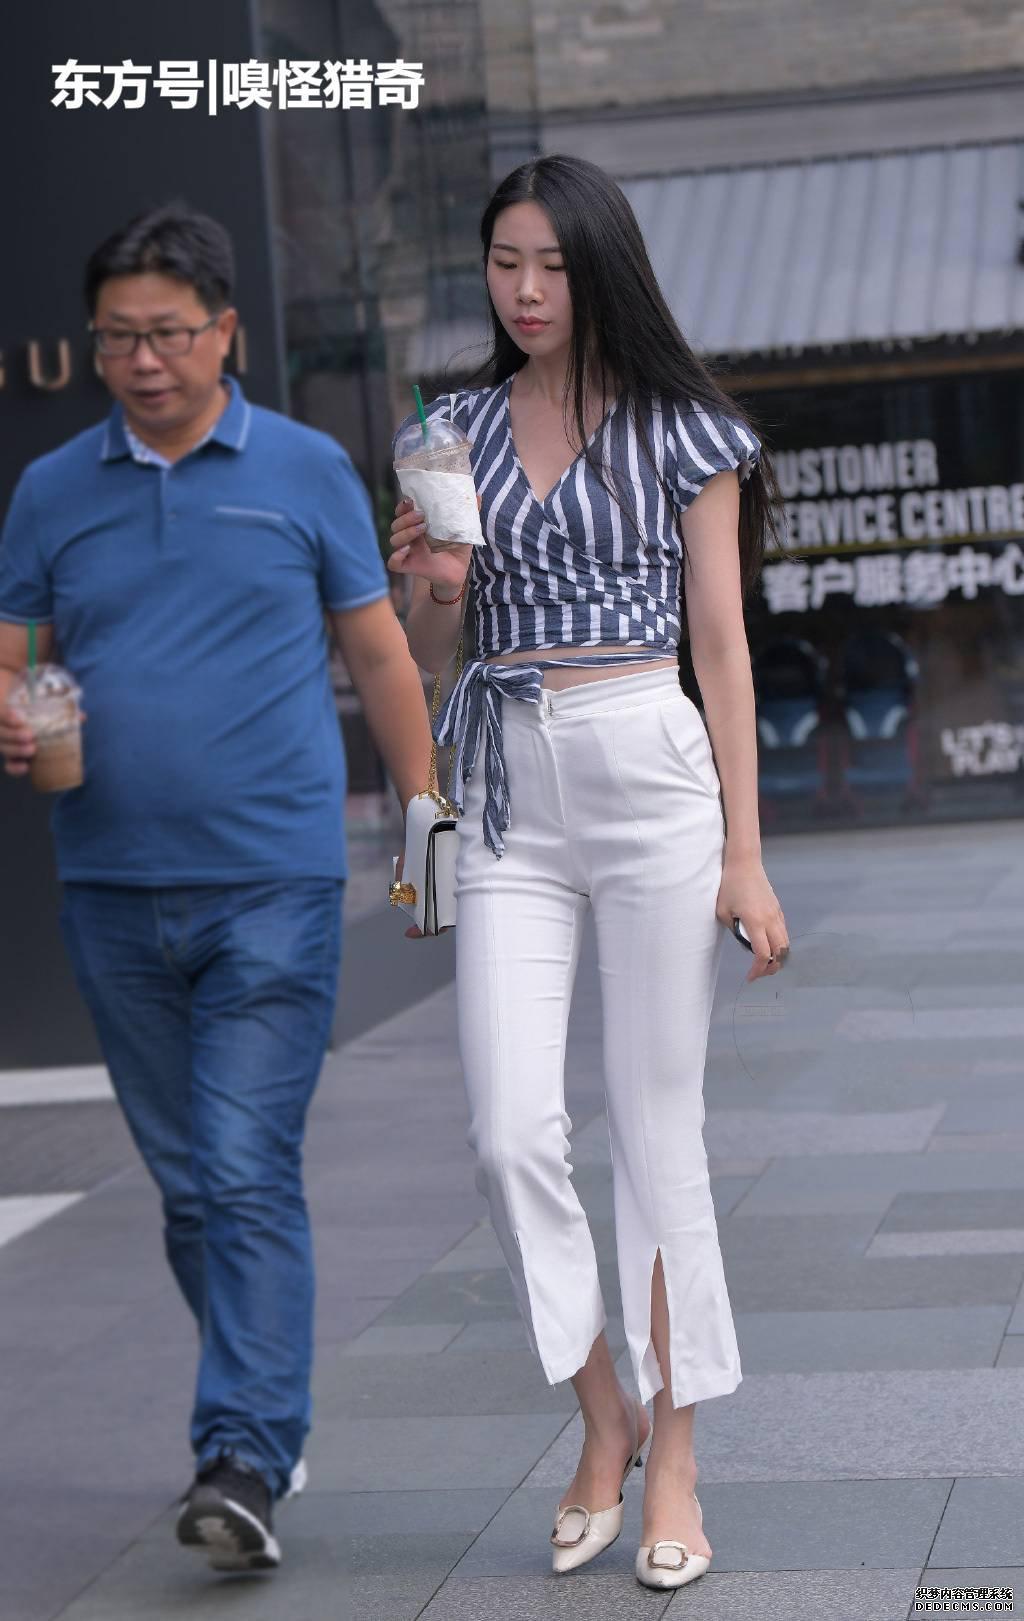 時尚街頭的情侶們,穿搭時尚